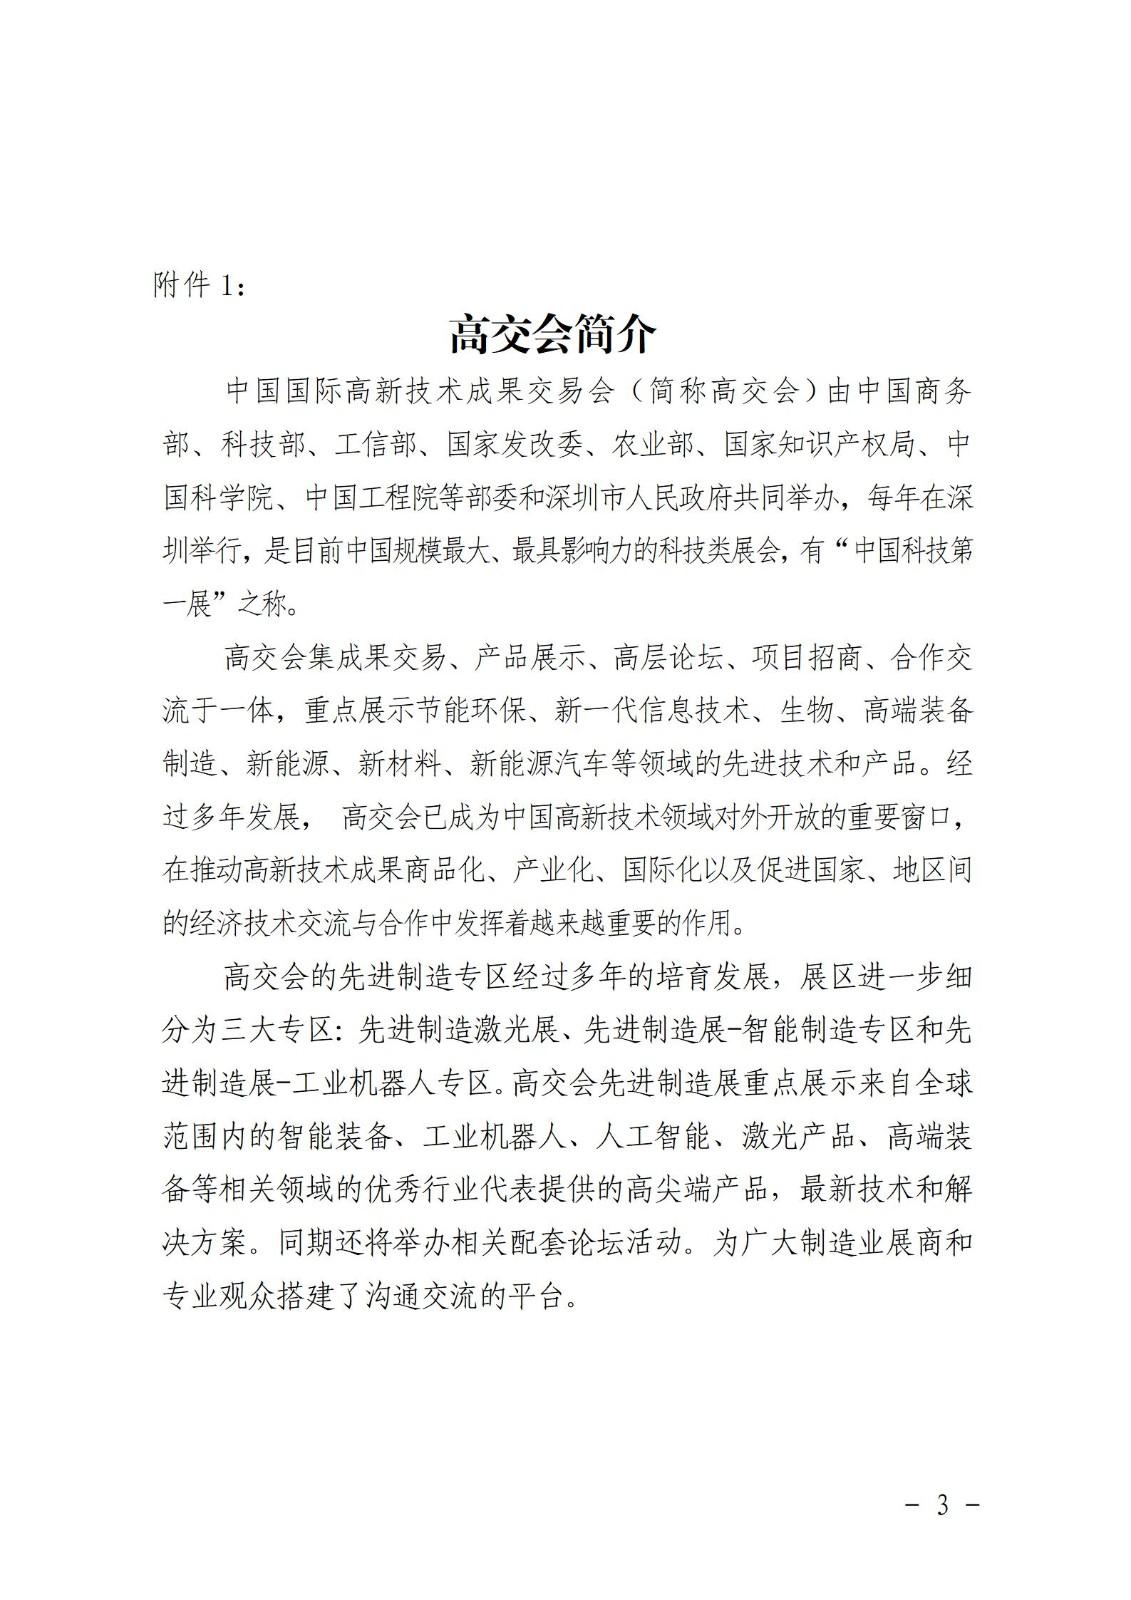 关于赴第二十三届中国国际高新技术成果交易会观展的通知_03.jpg